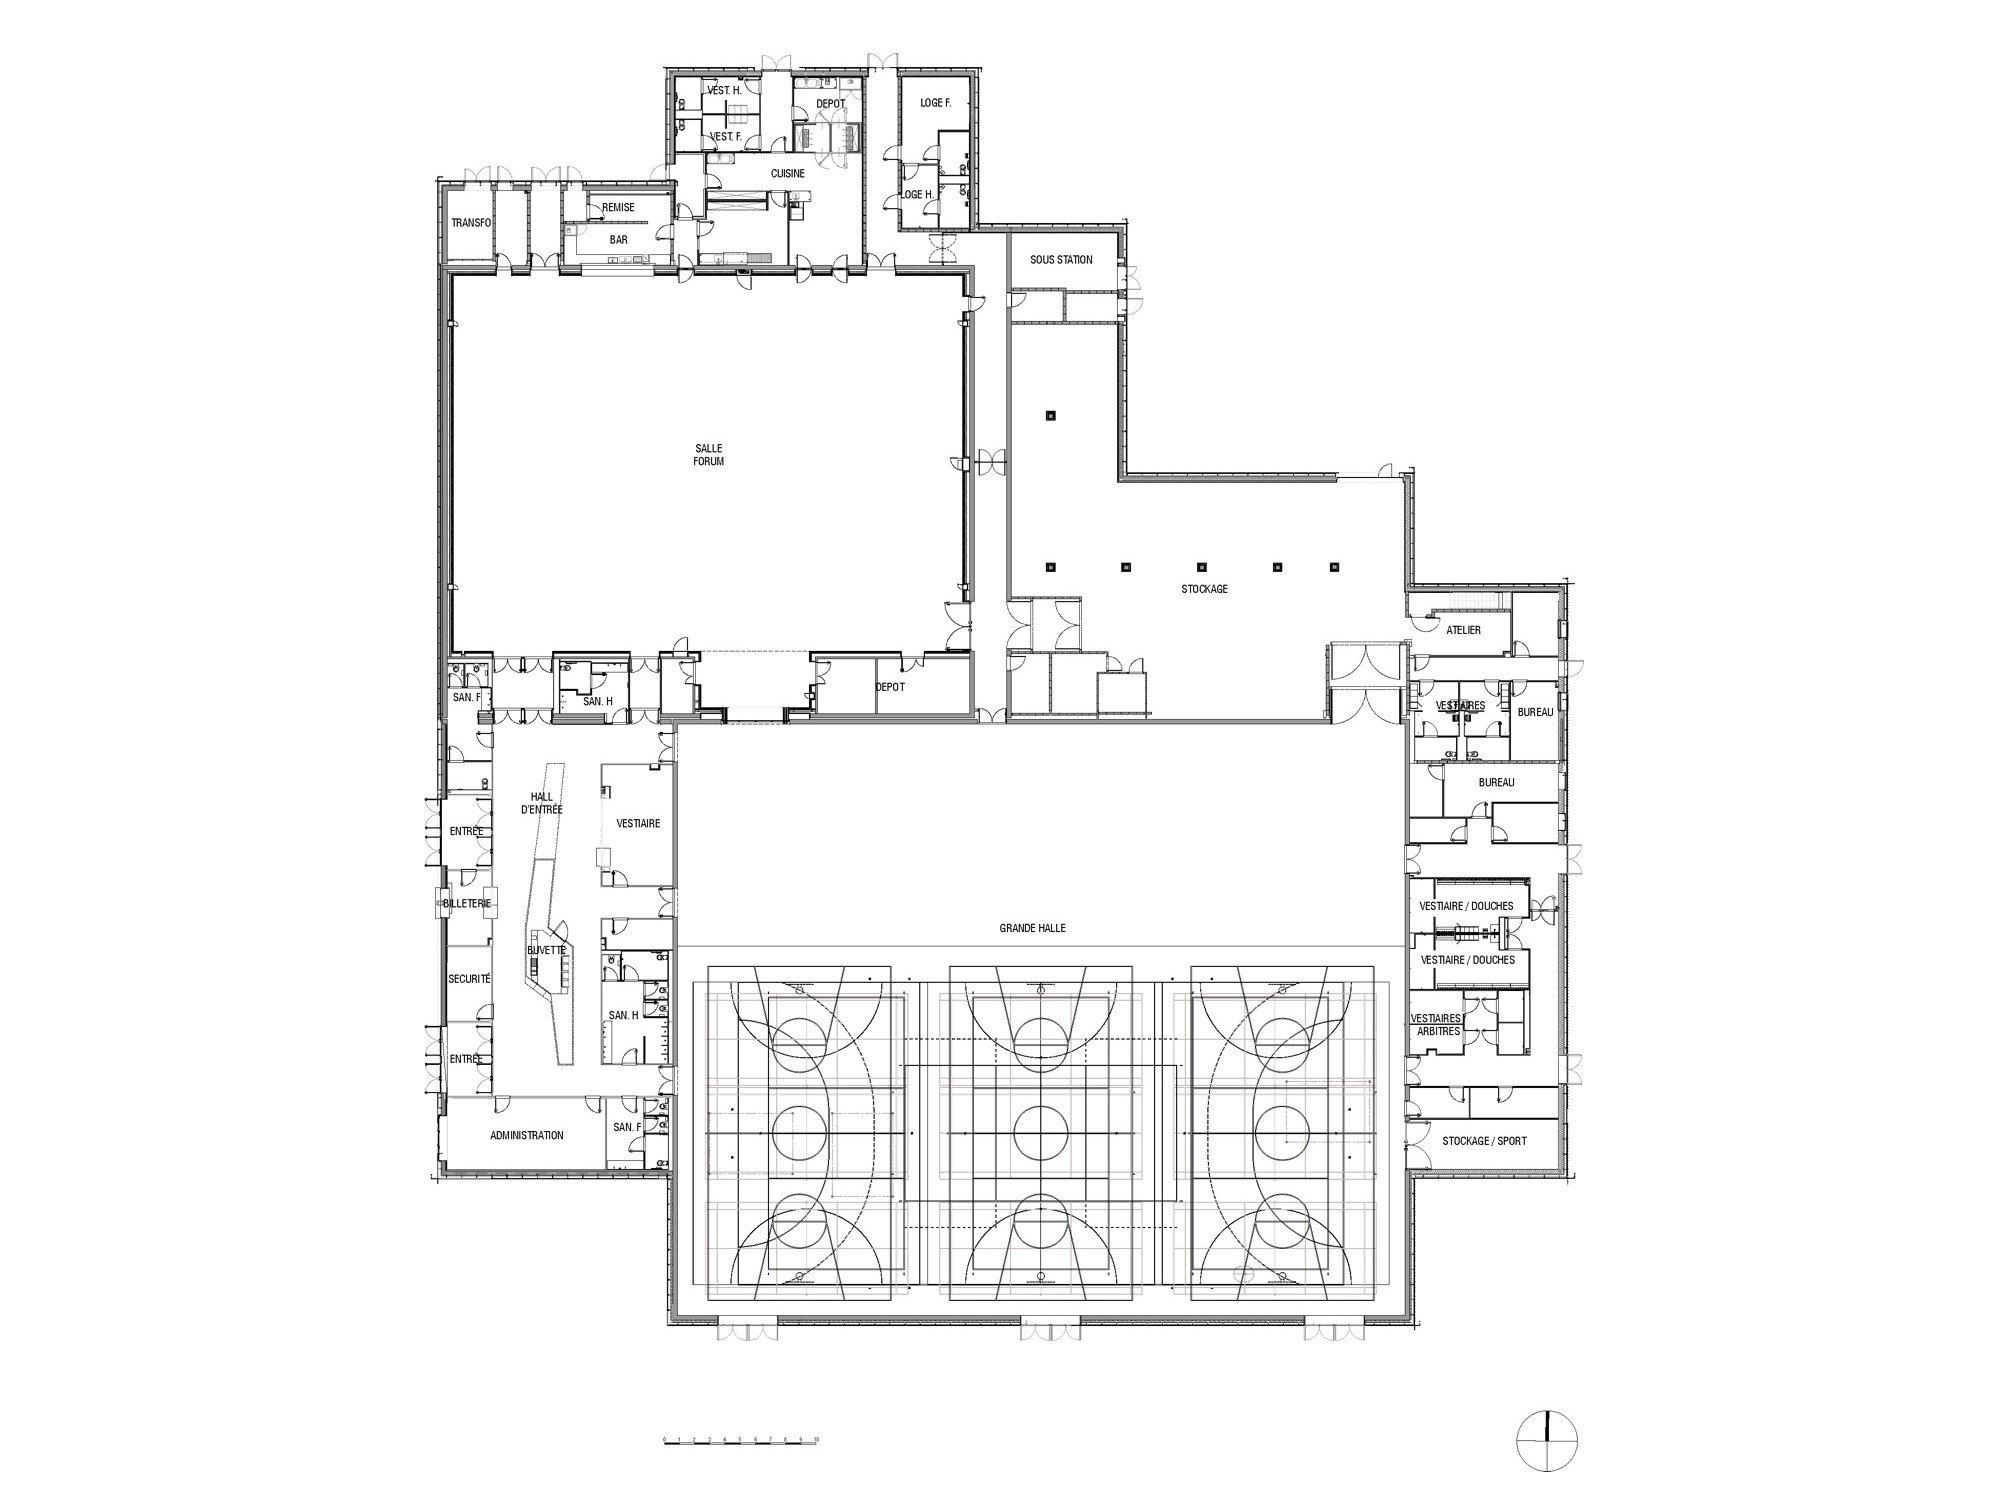 mehrzweckhalle le forum in saint louis fassade sport freizeit baunetz wissen. Black Bedroom Furniture Sets. Home Design Ideas